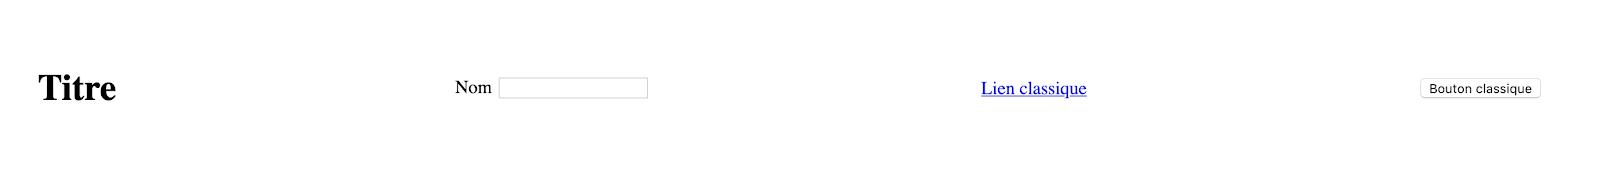 Exemple de visualisation d'éléments simples: titre, input, lien, bouton